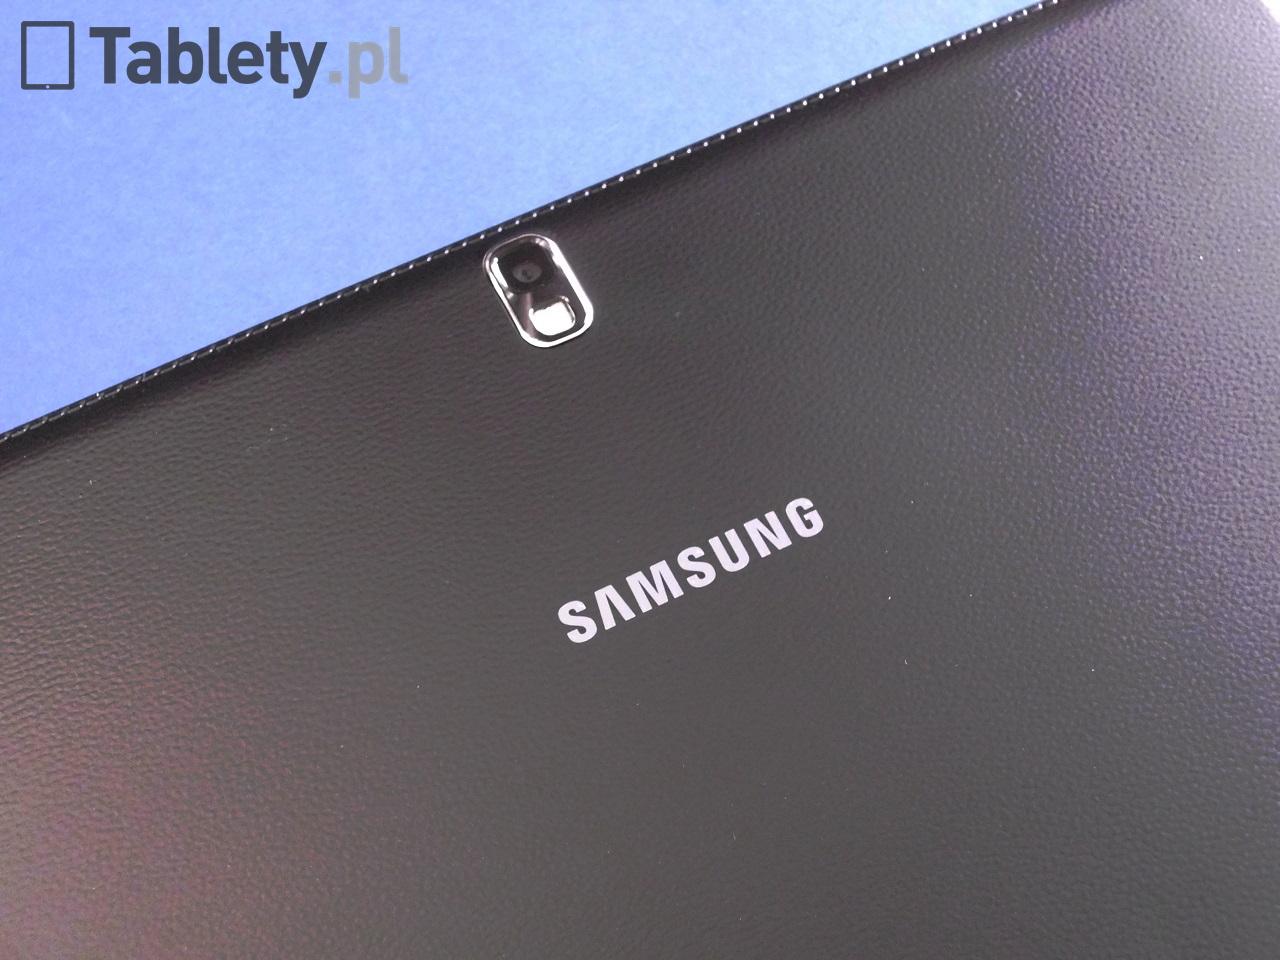 Samsung Galaxy TabPRO 10.1 05